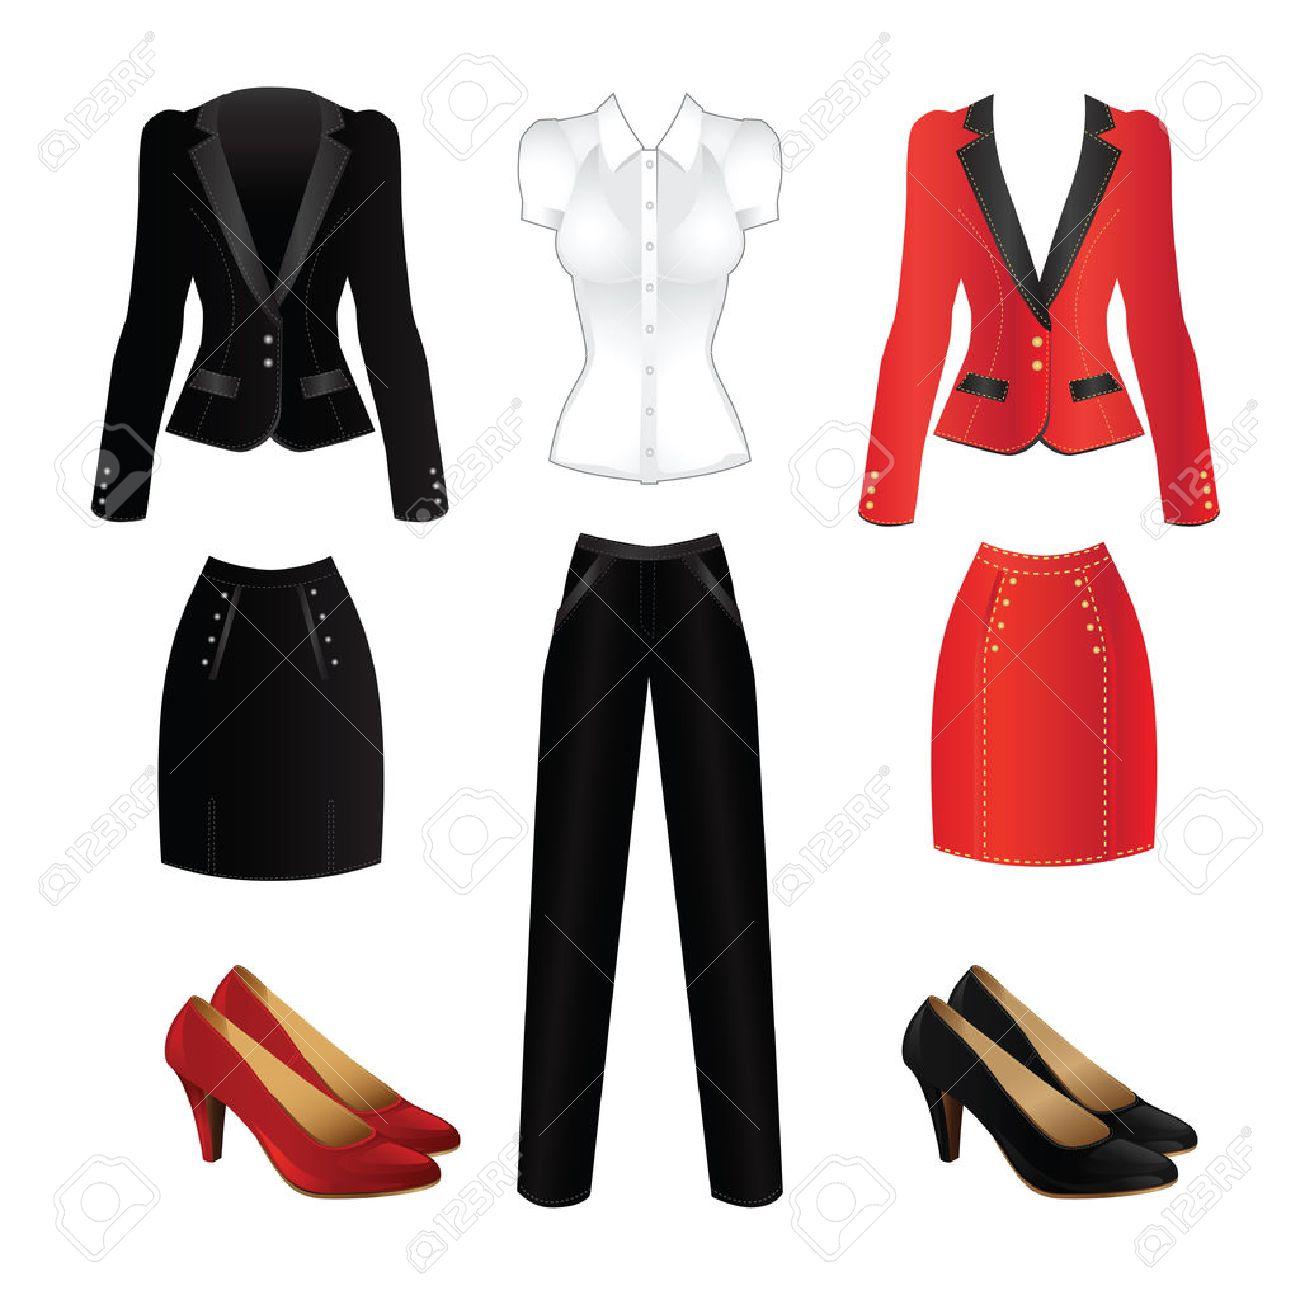 f3aab8fcb Foto de archivo - Ropa de oficina. Ropa para mujeres. traje formal roja y  traje negro oficial. zapatos clásicos para la mujer